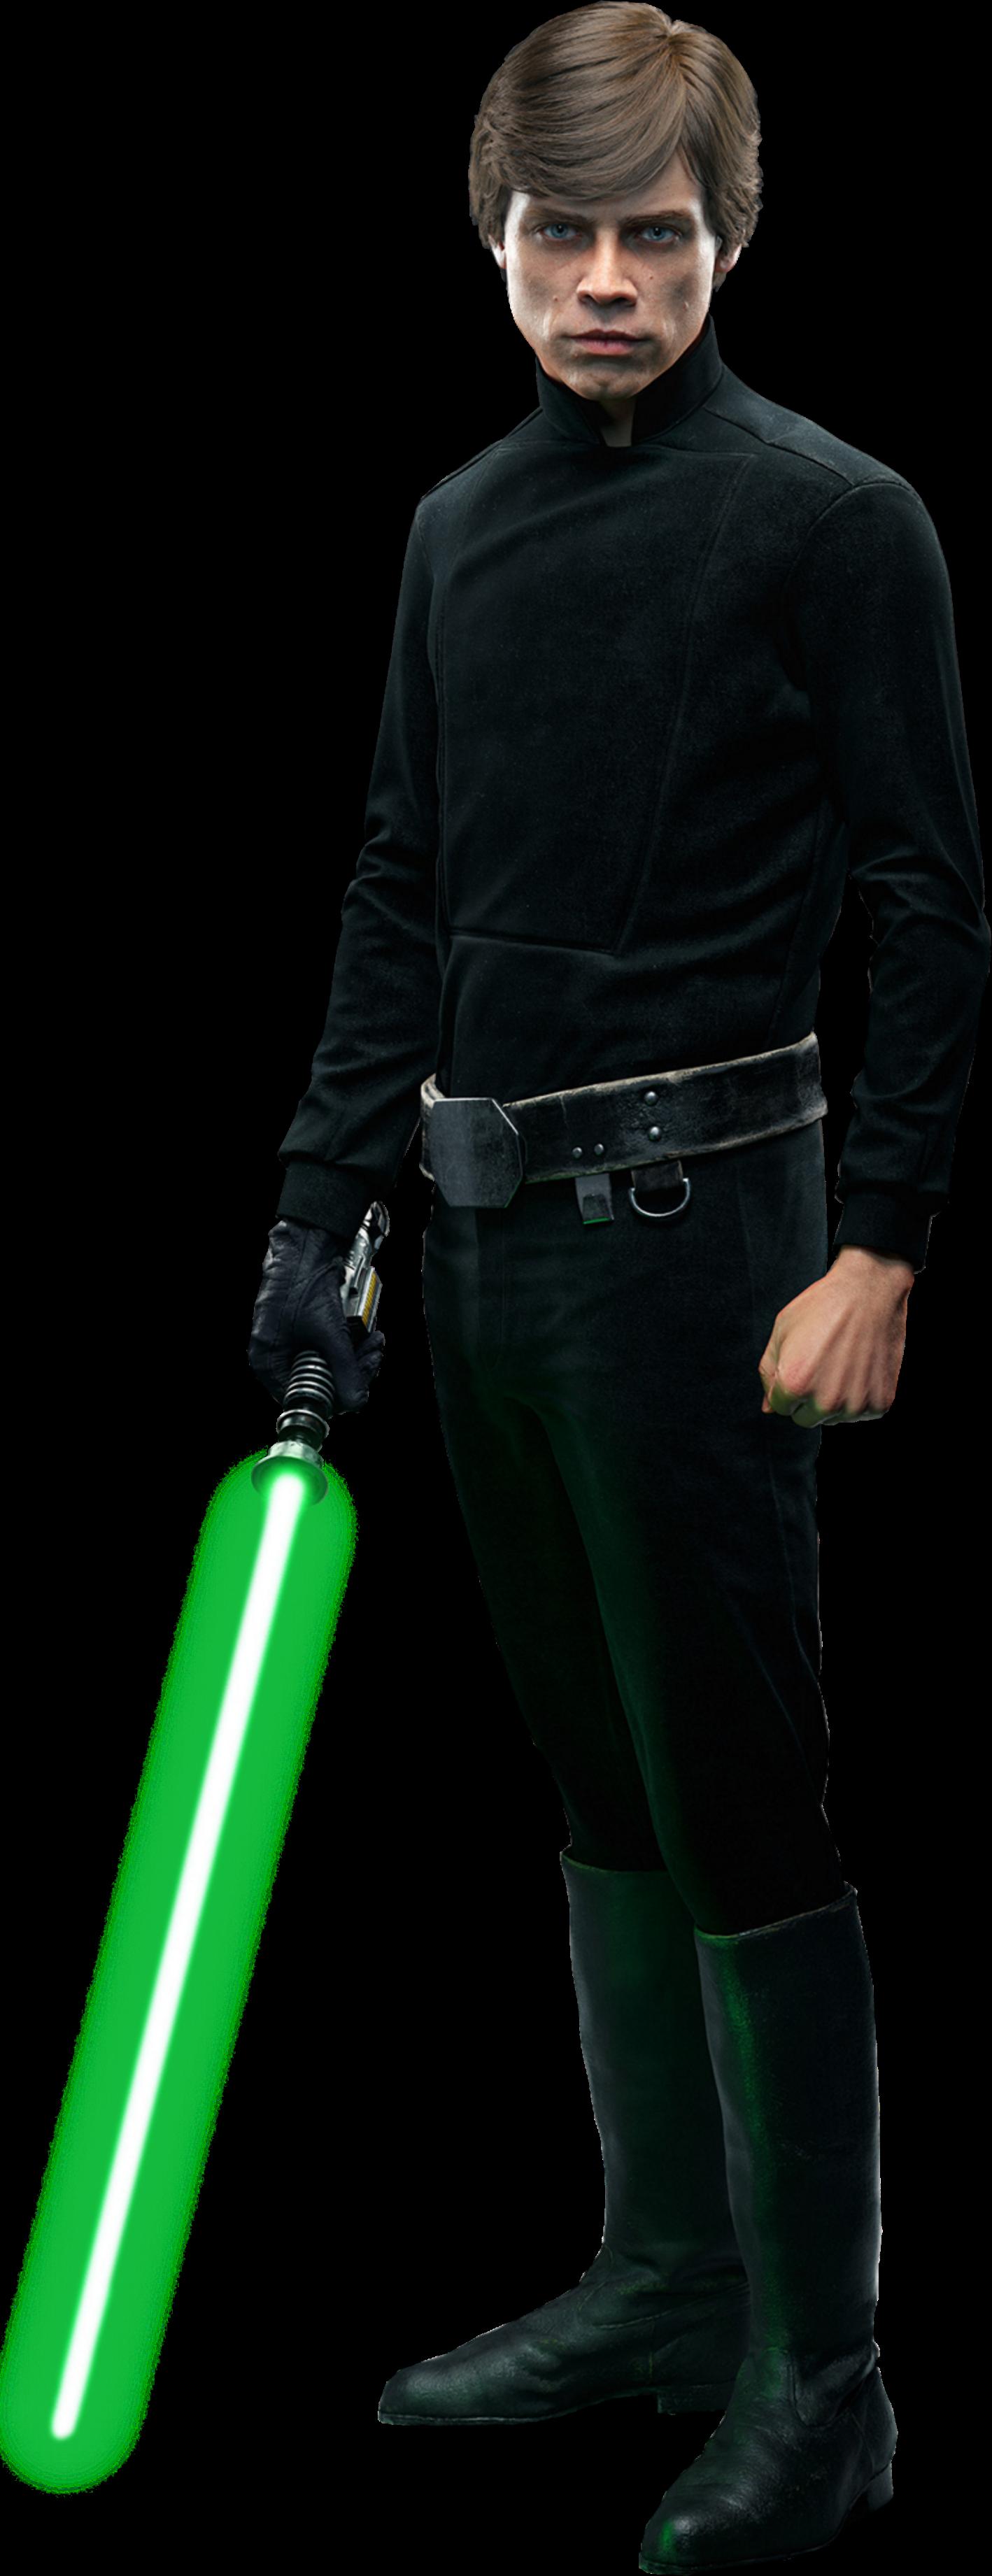 Luke Skywalker | DEATH BATTLE Wiki | FANDOM powered by Wikia